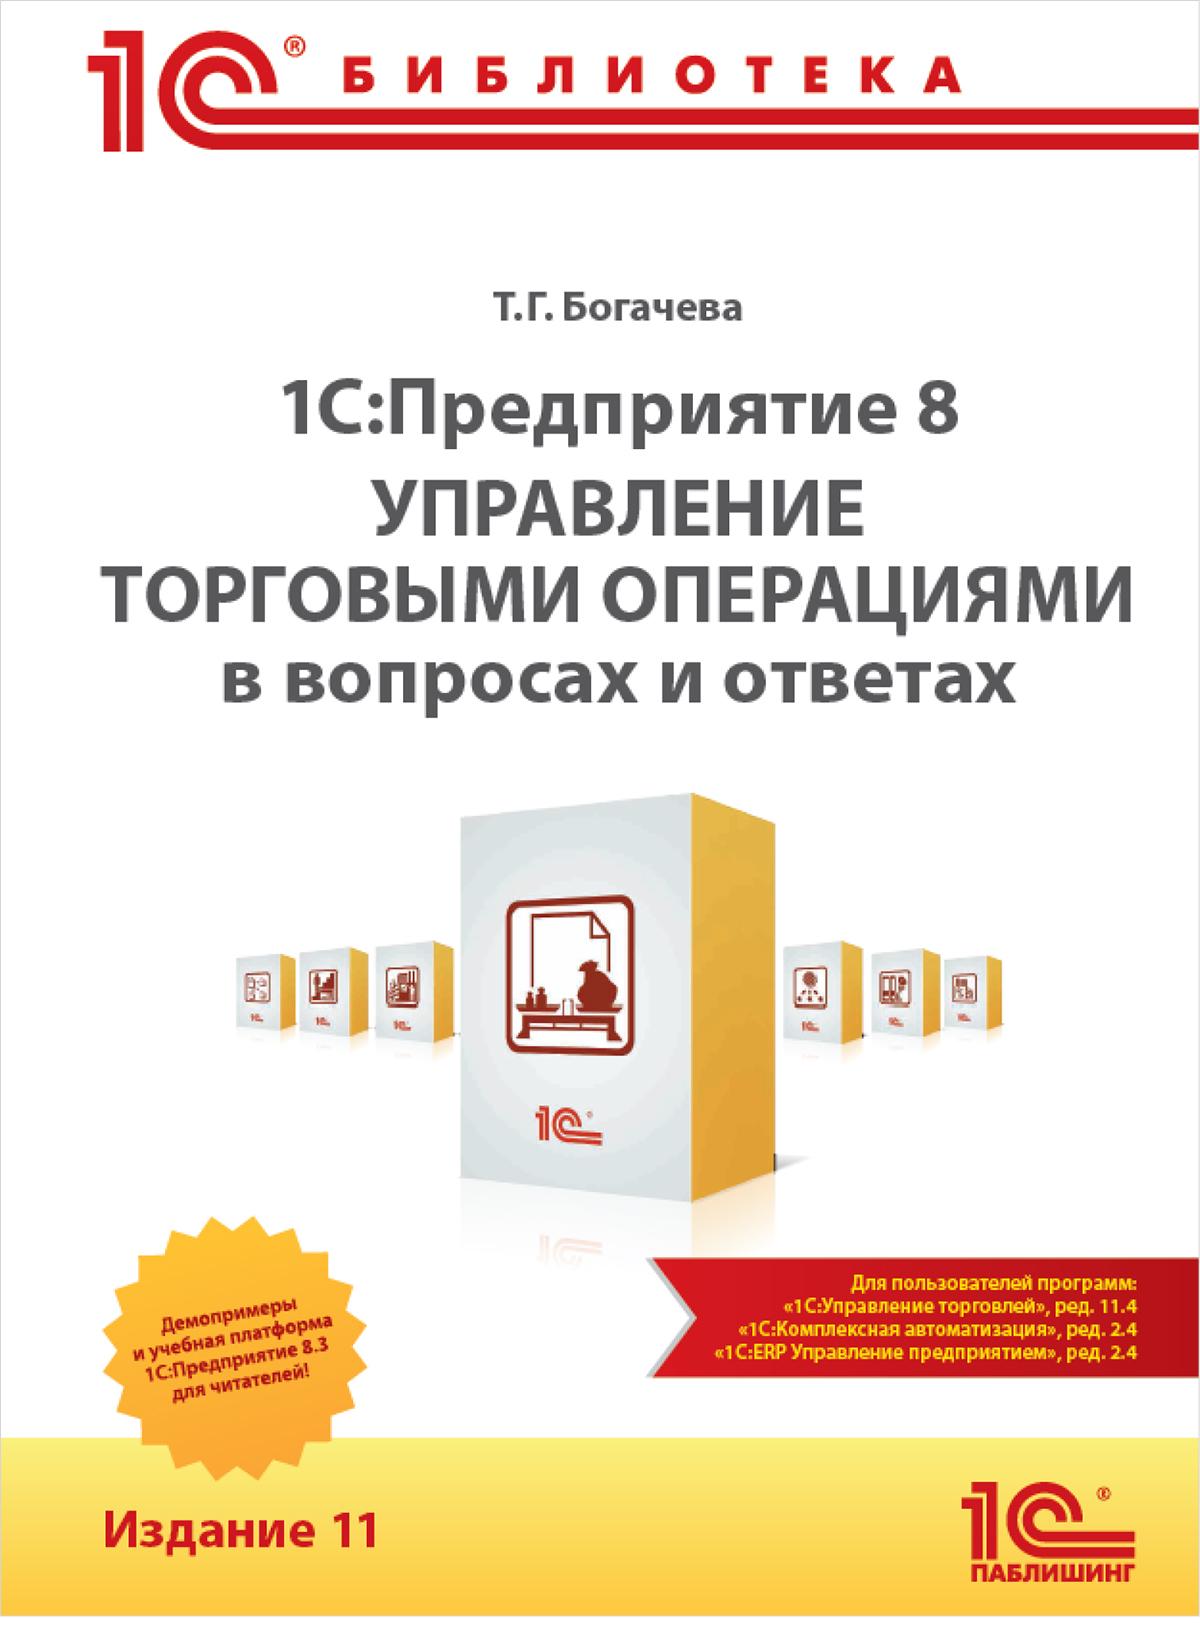 Богачева Т.Г. 1С:Предприятие 8. Управление торговыми операциями в вопросах и ответах. Издание 11 (цифровая версия) (Цифровая версия)